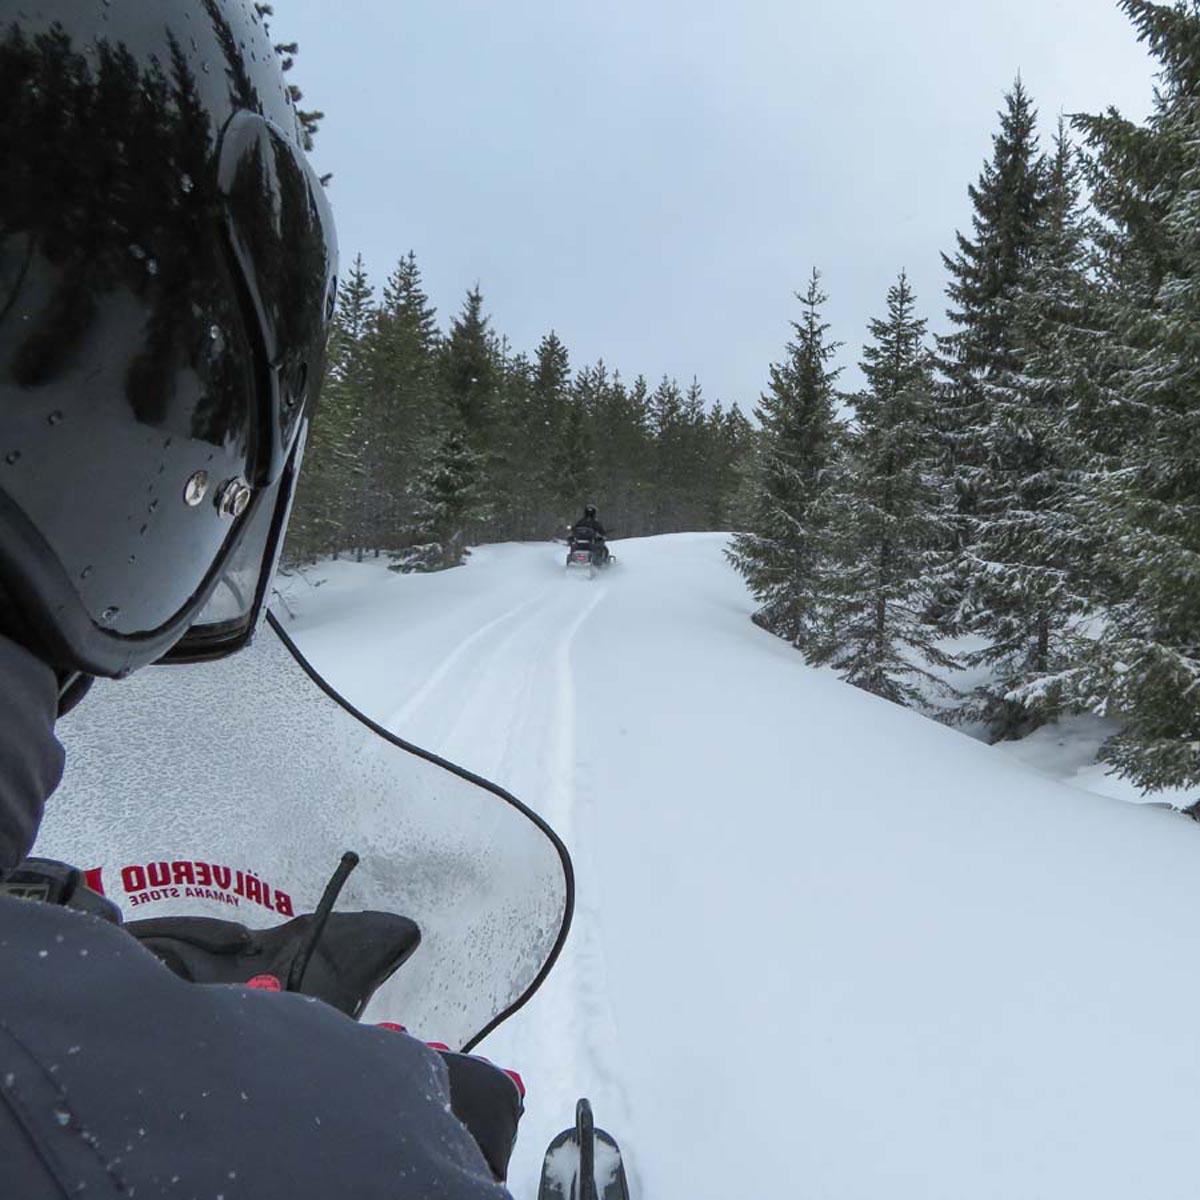 sneeuwscooteren in Värmland